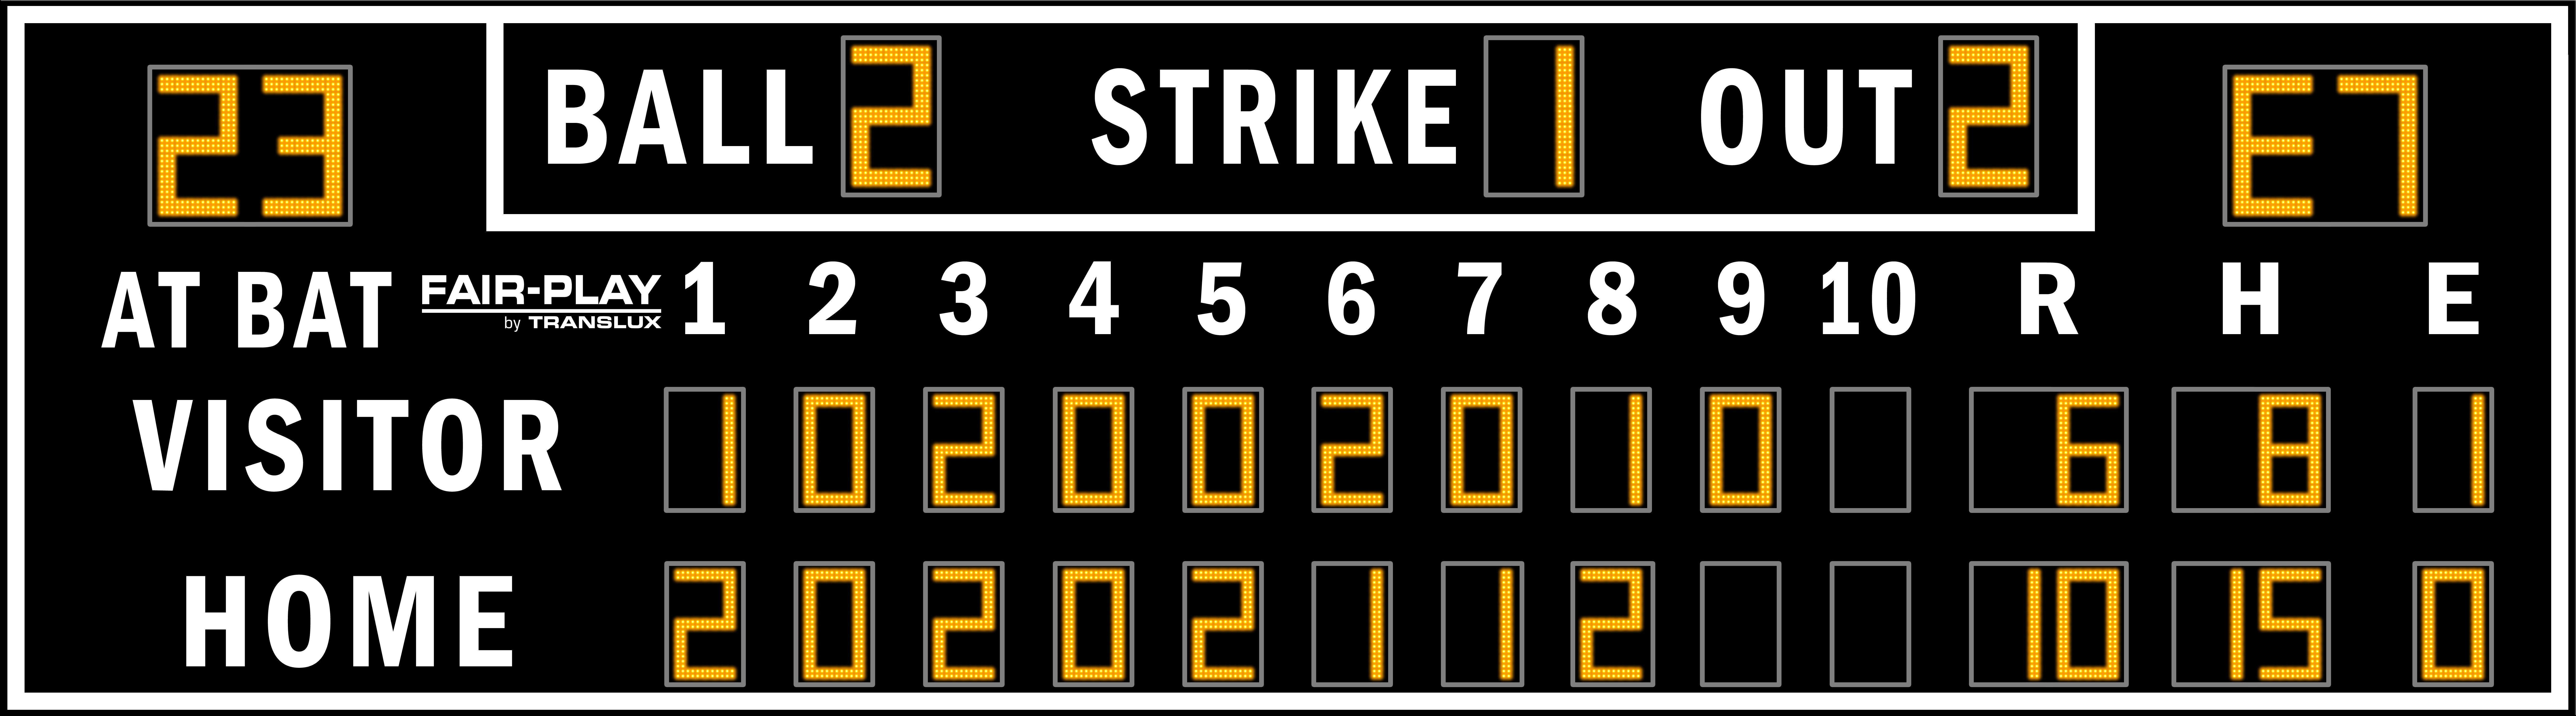 Old school baseball scoreboard clipart.